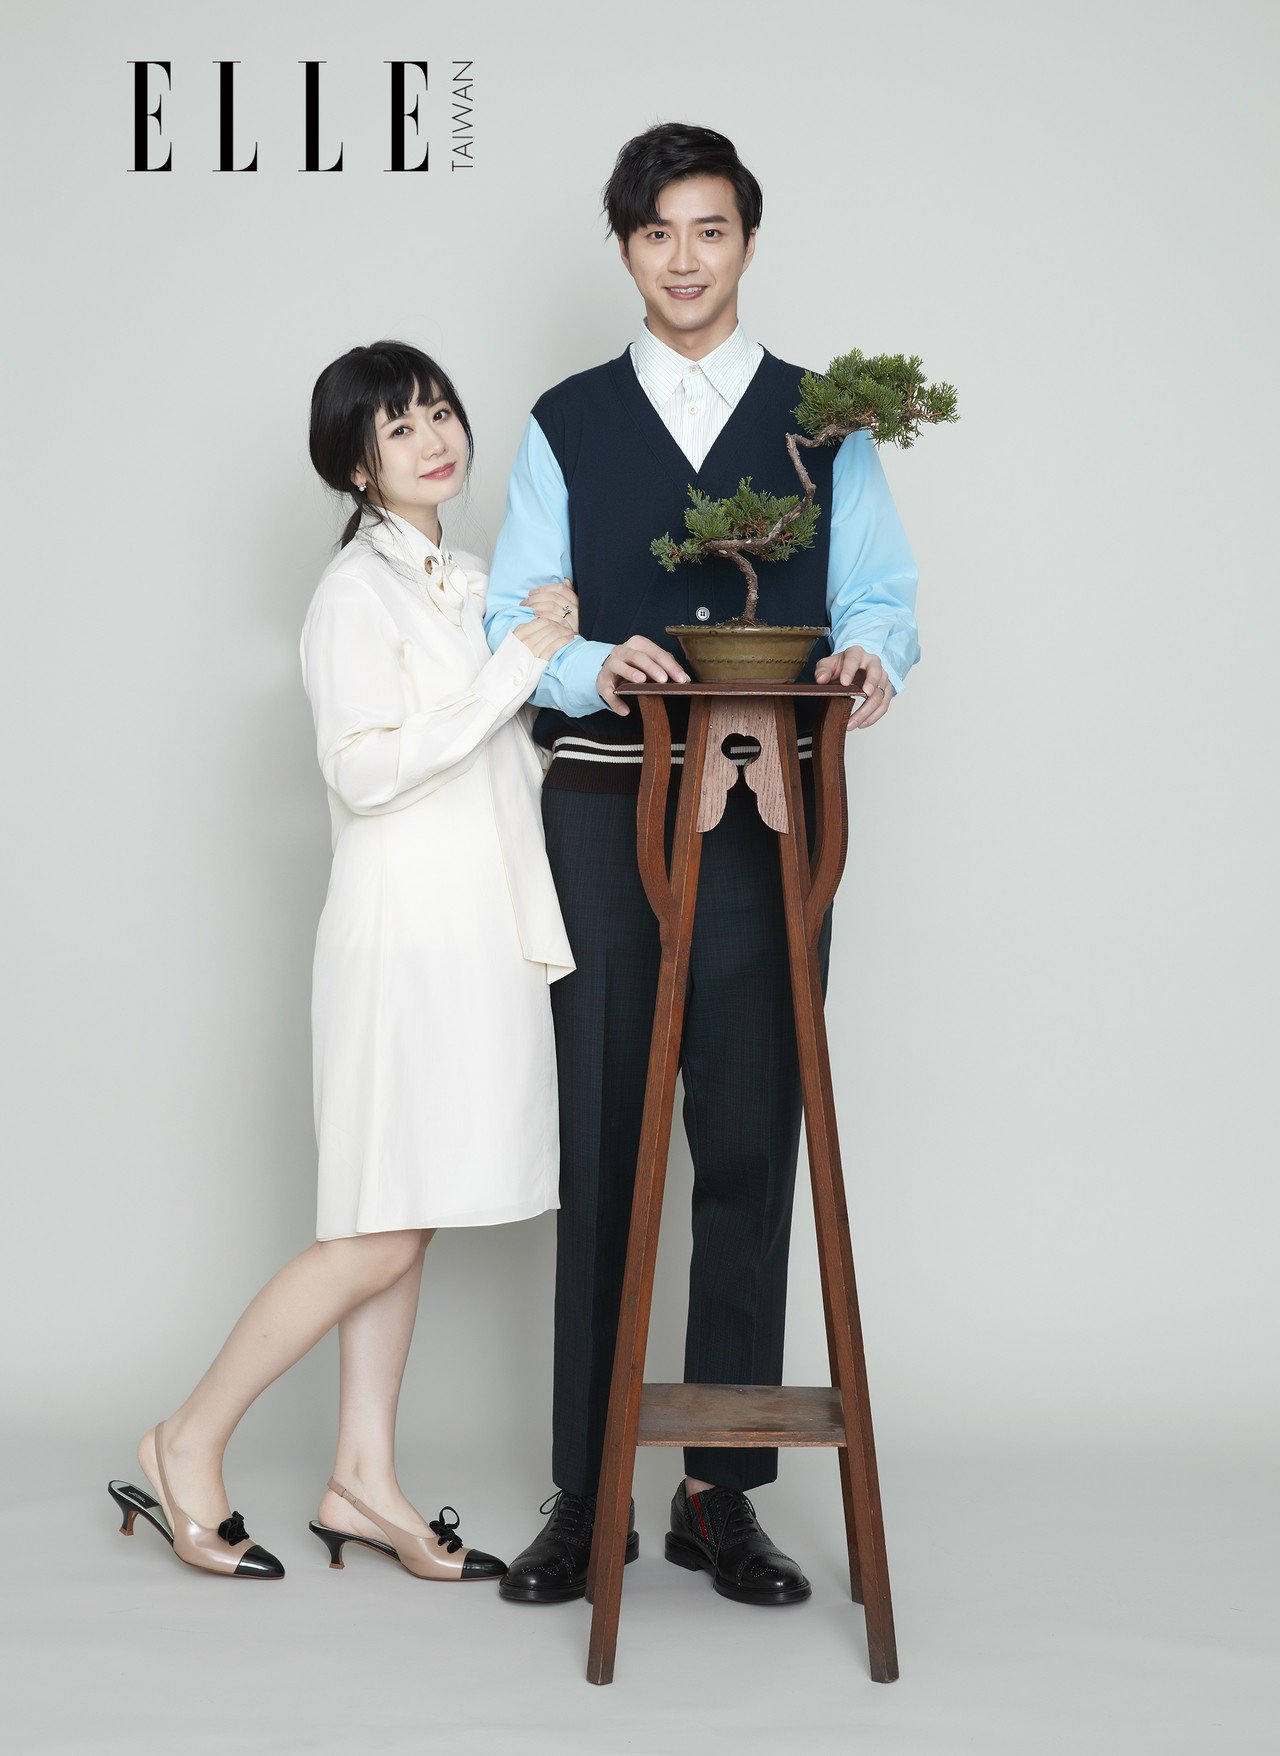 江宏傑(右)、福原愛替雜誌拍攝照片。圖/ELLE提供